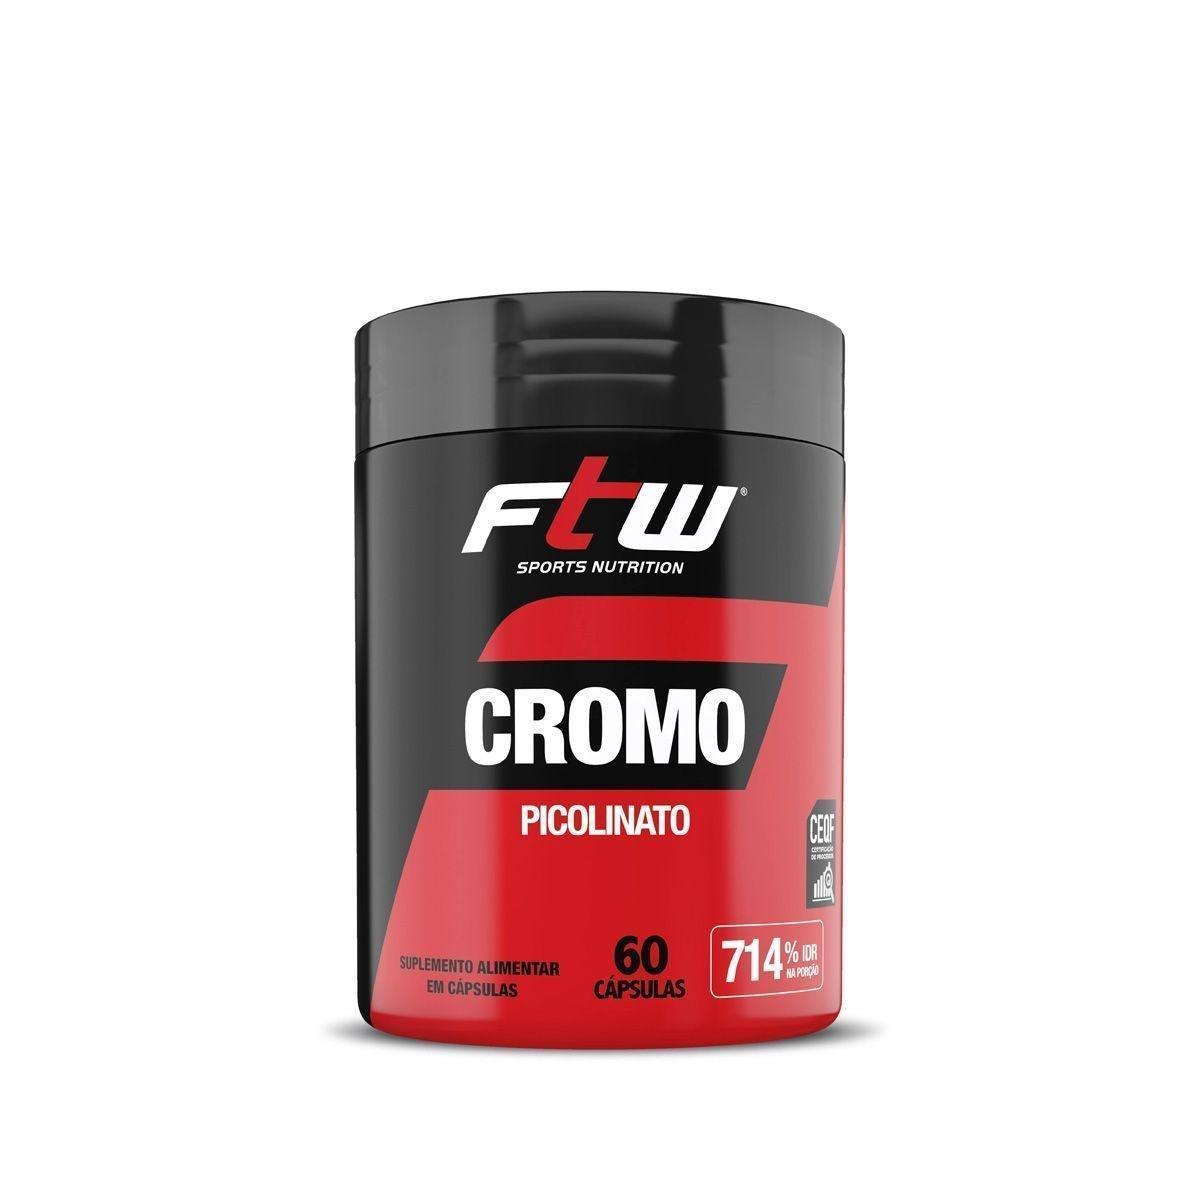 Cromo Picolinato FTW 60 Capsulas